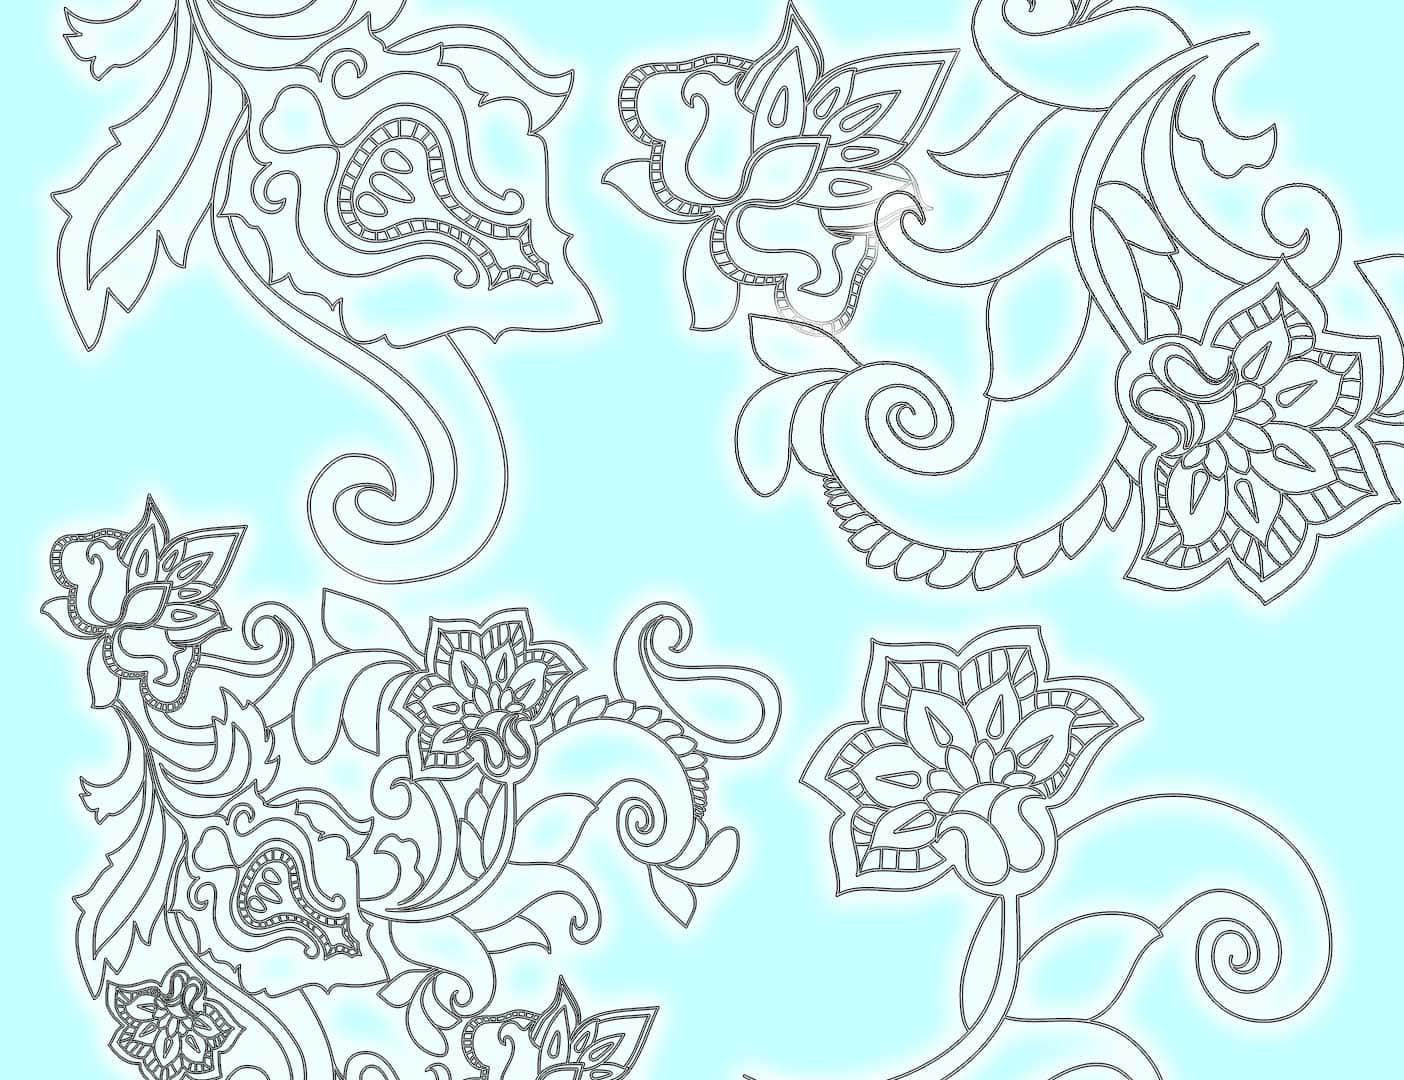 漂亮的手绘线框花朵、鲜花图案PS笔刷下载 鲜花笔刷 花朵笔刷 线框花纹笔刷 线框花朵笔刷 手绘花纹笔刷  flowers brushes